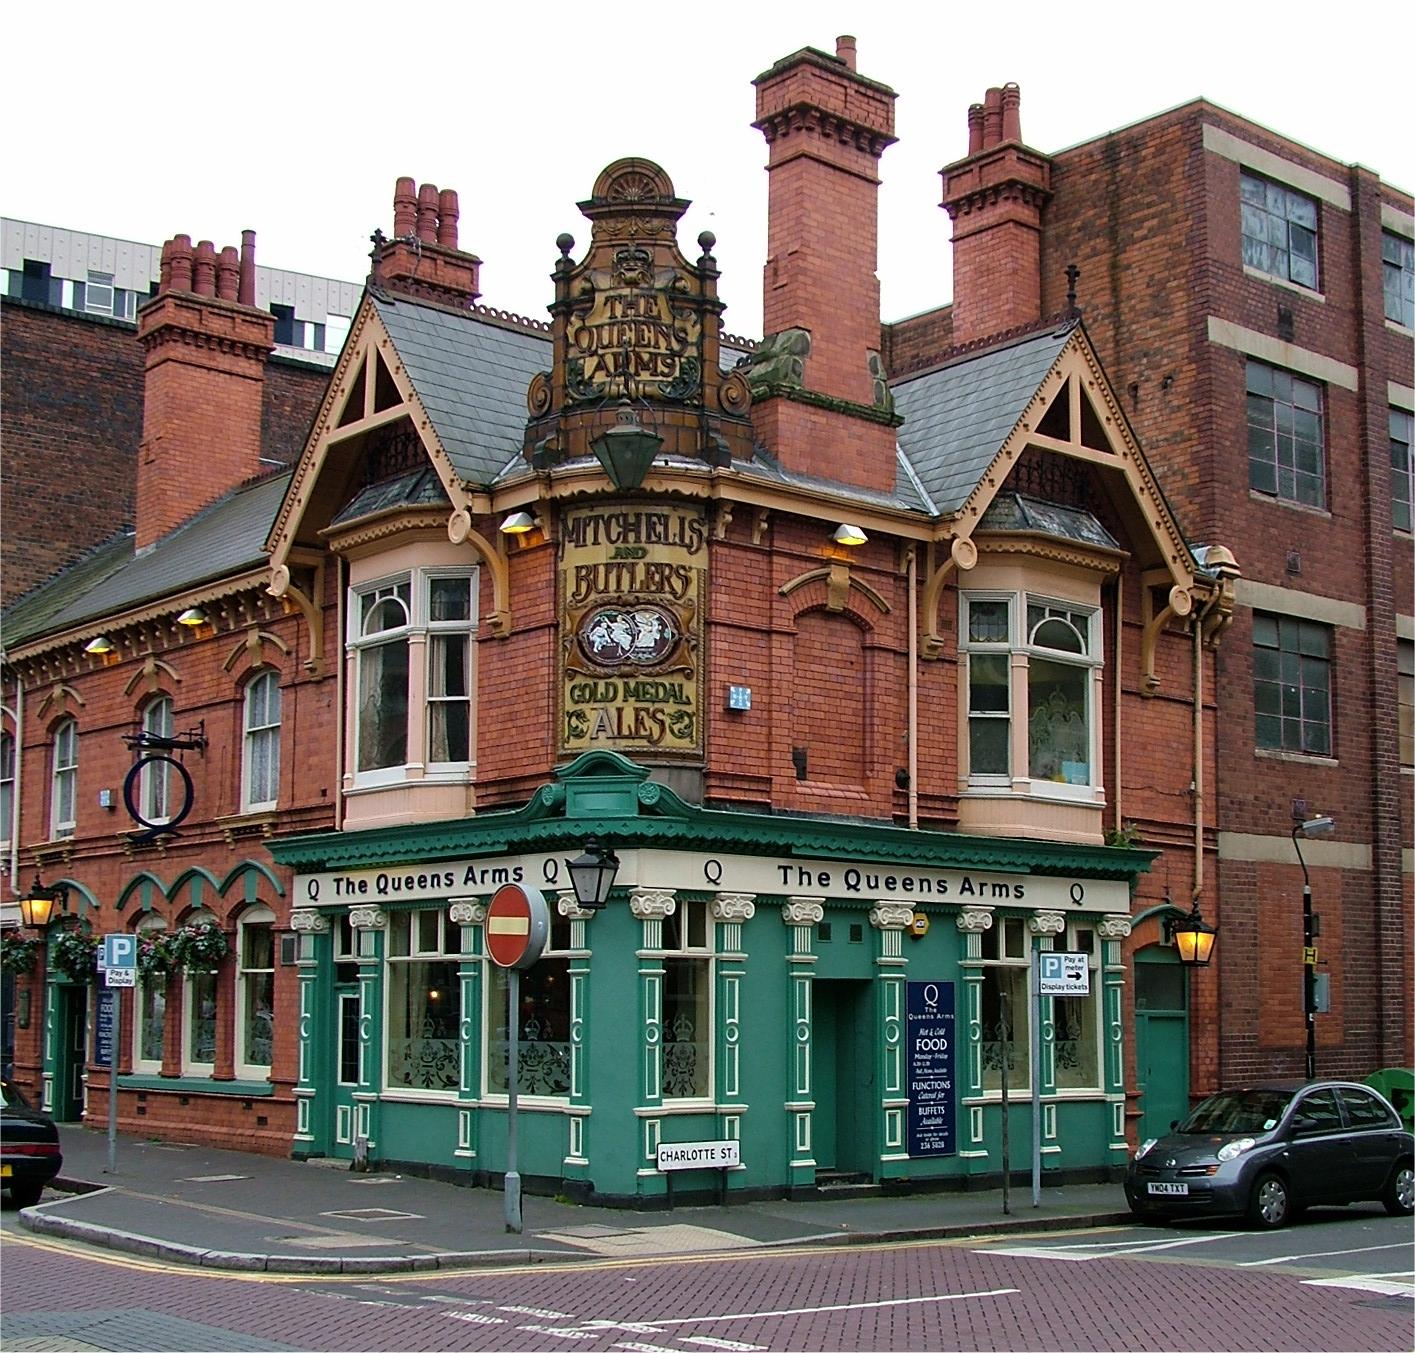 Depiction of Pub